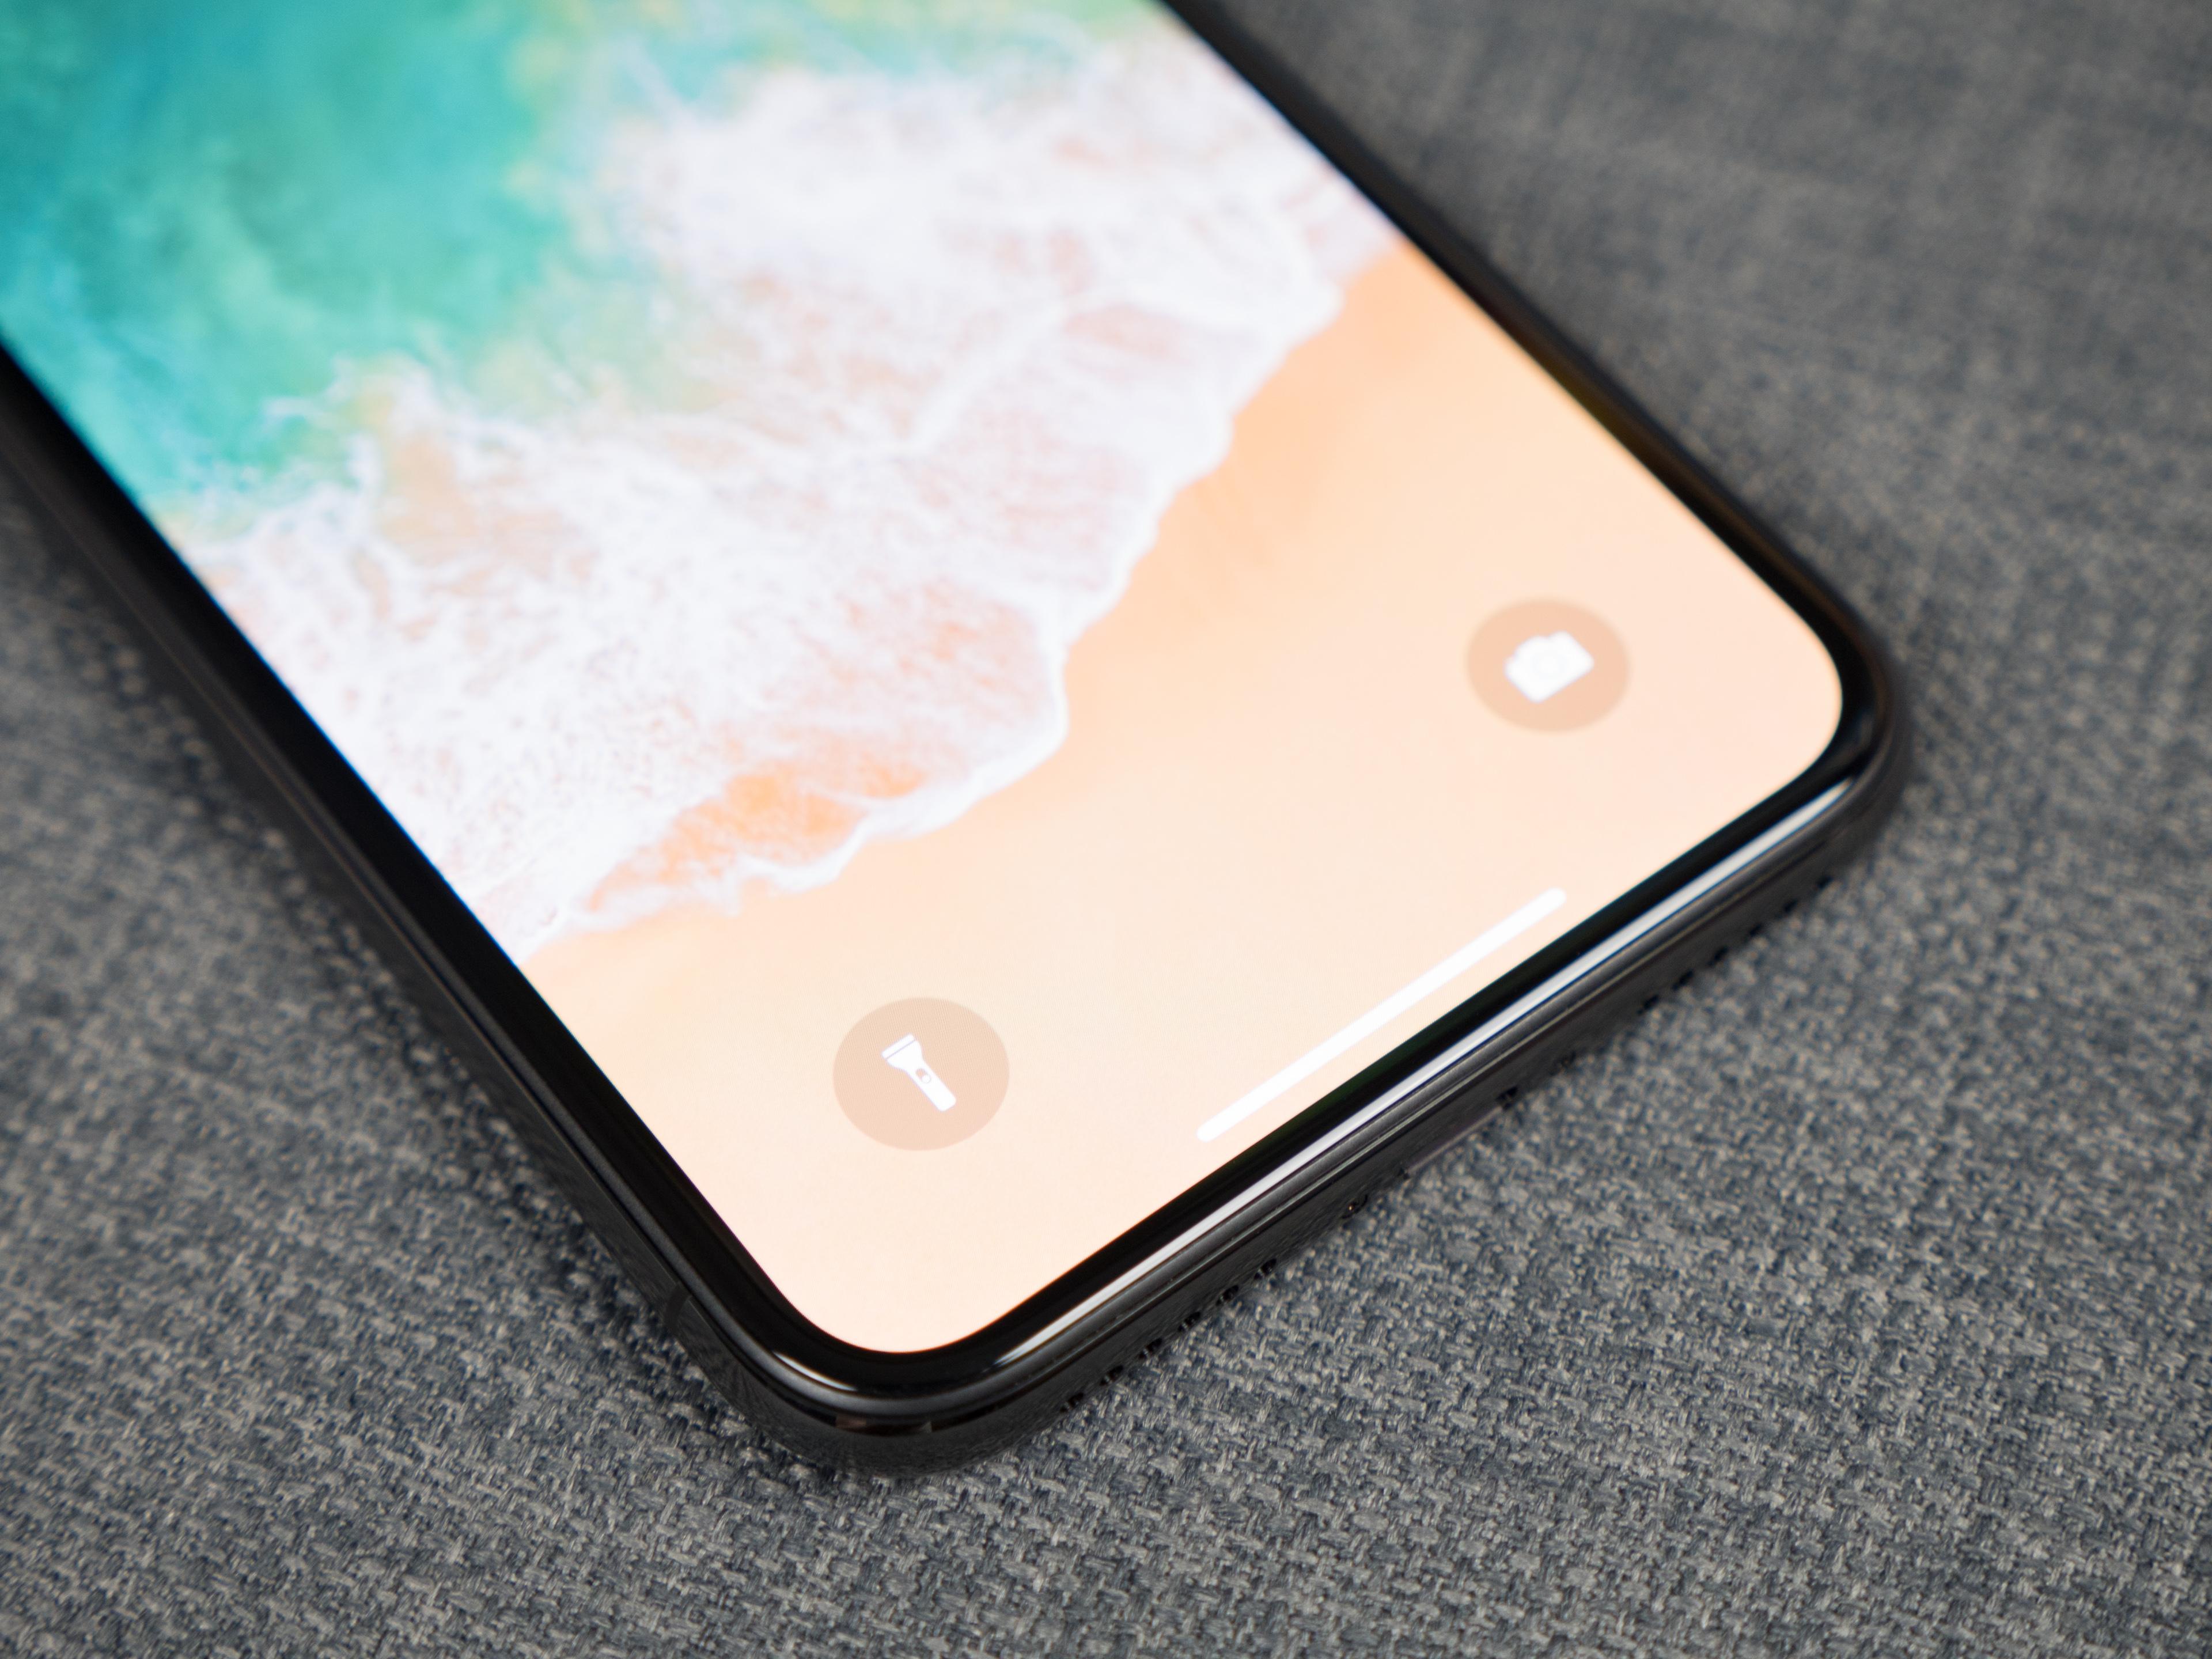 Apple chercherait à faire baisser les prix des écrans OLED de Samsung pour les futurs iPhone